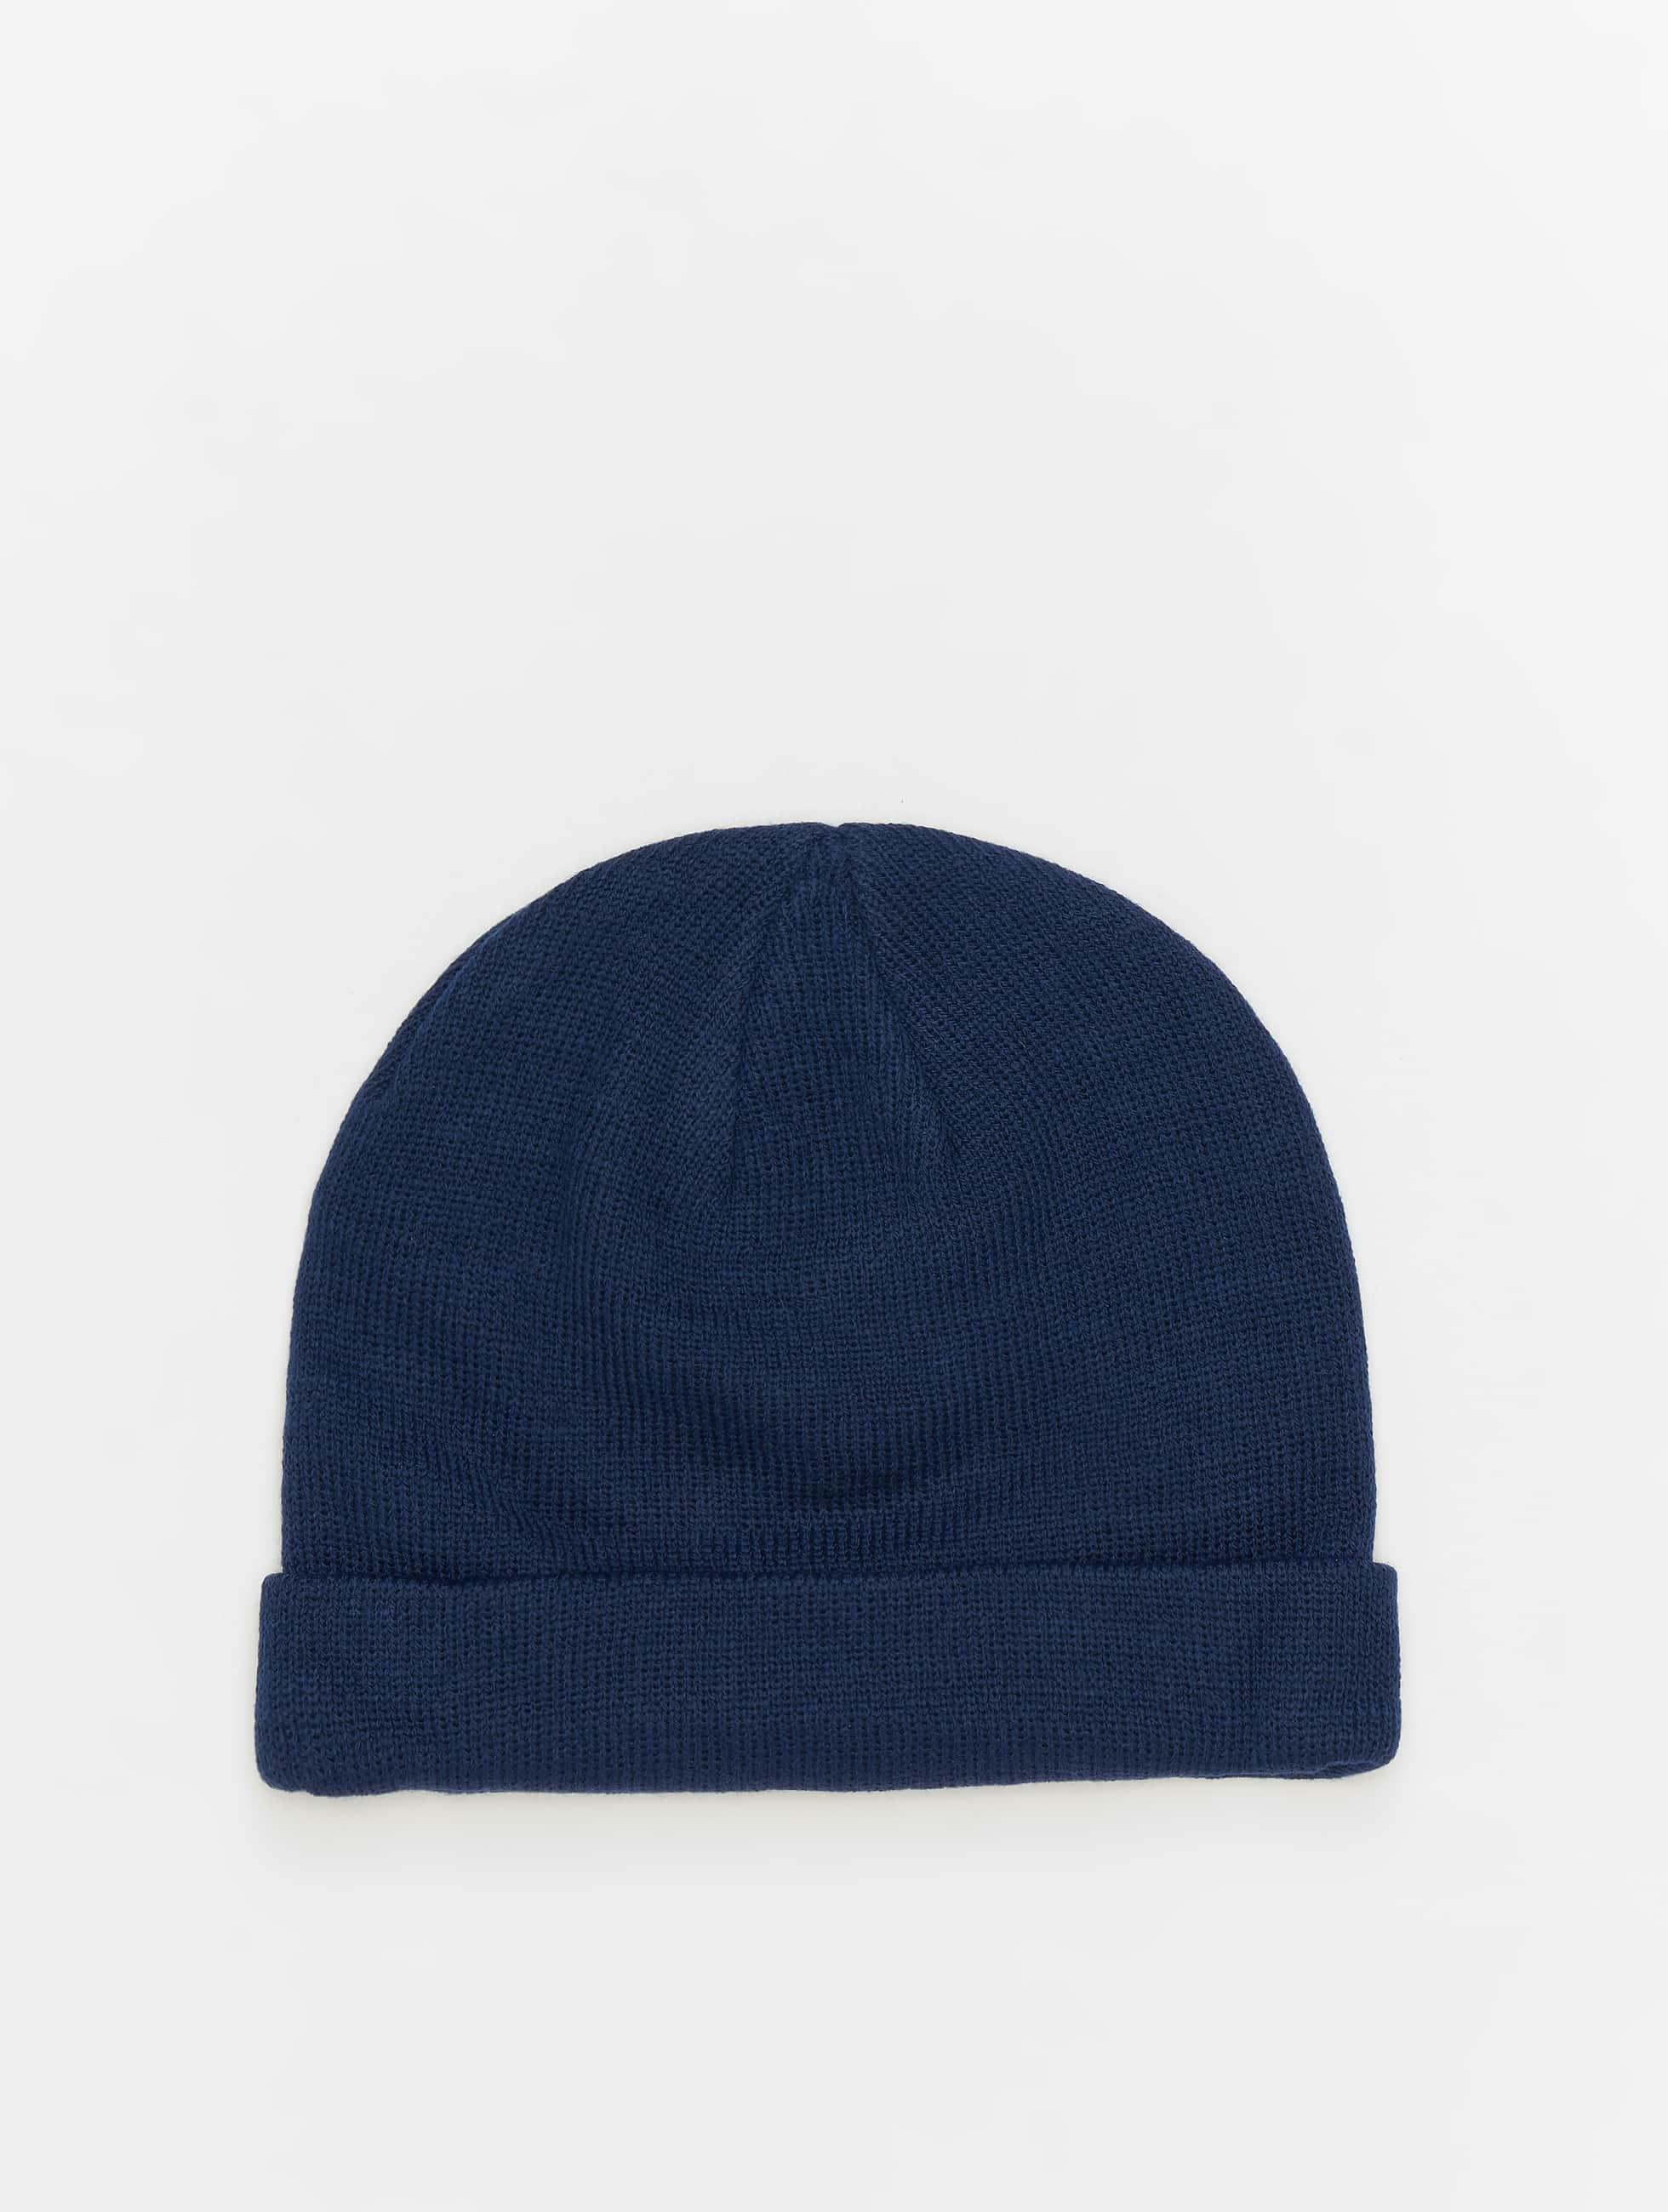 MSTRDS шляпа Short Cuff Knit синий